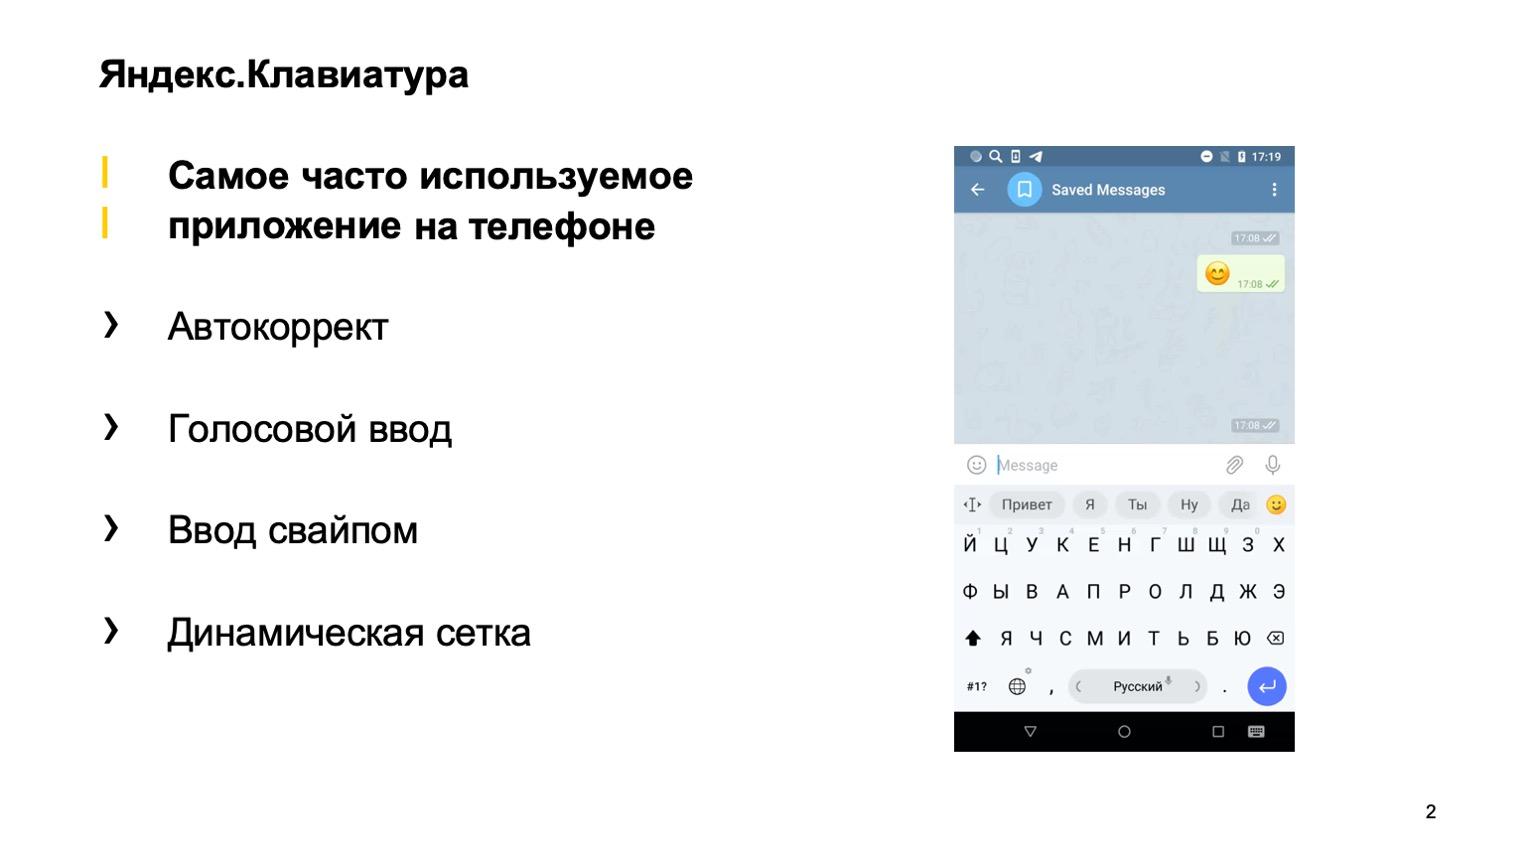 Какие навыки нужны для создания iOS-приложения? Доклад Яндекса - 3